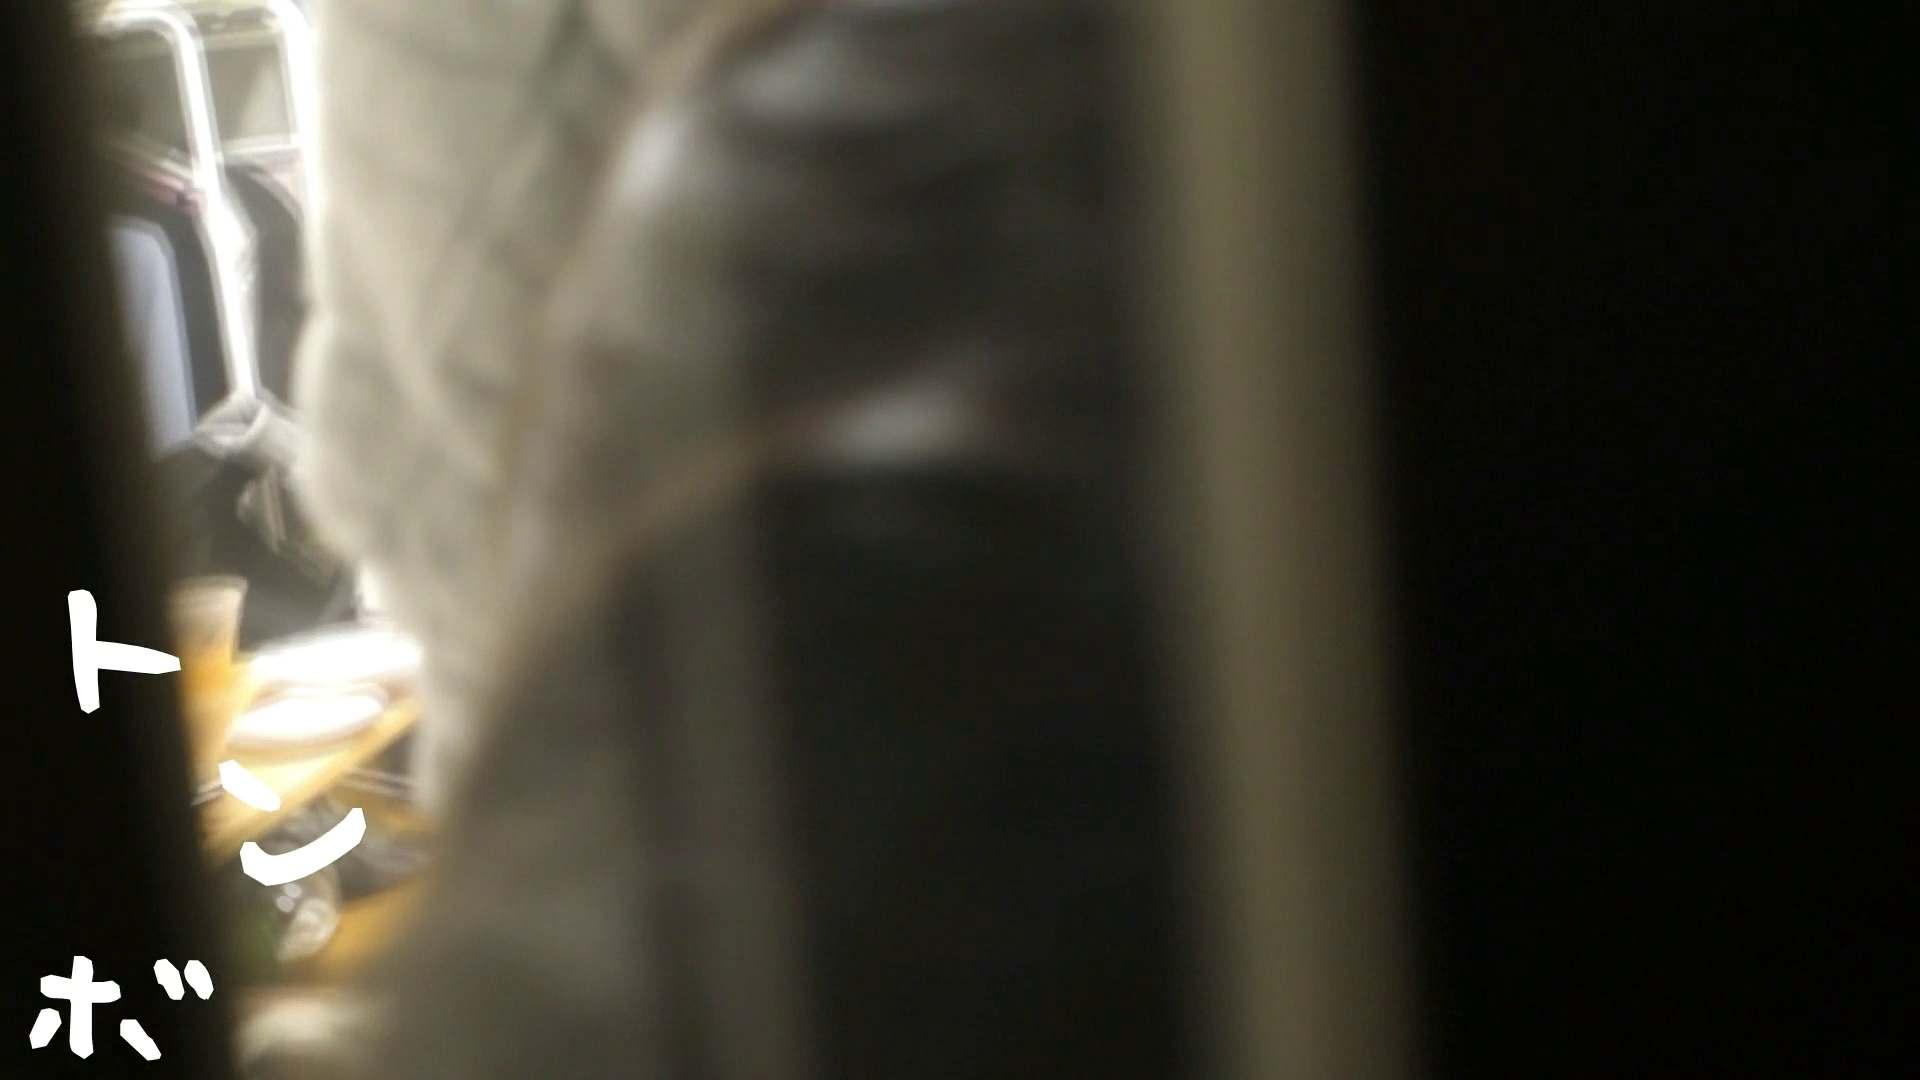 ▲2017_08位▲ 【02位 2016】盗撮美人女子大プライベートSEX 高画質 すけべAV動画紹介 48pic 19